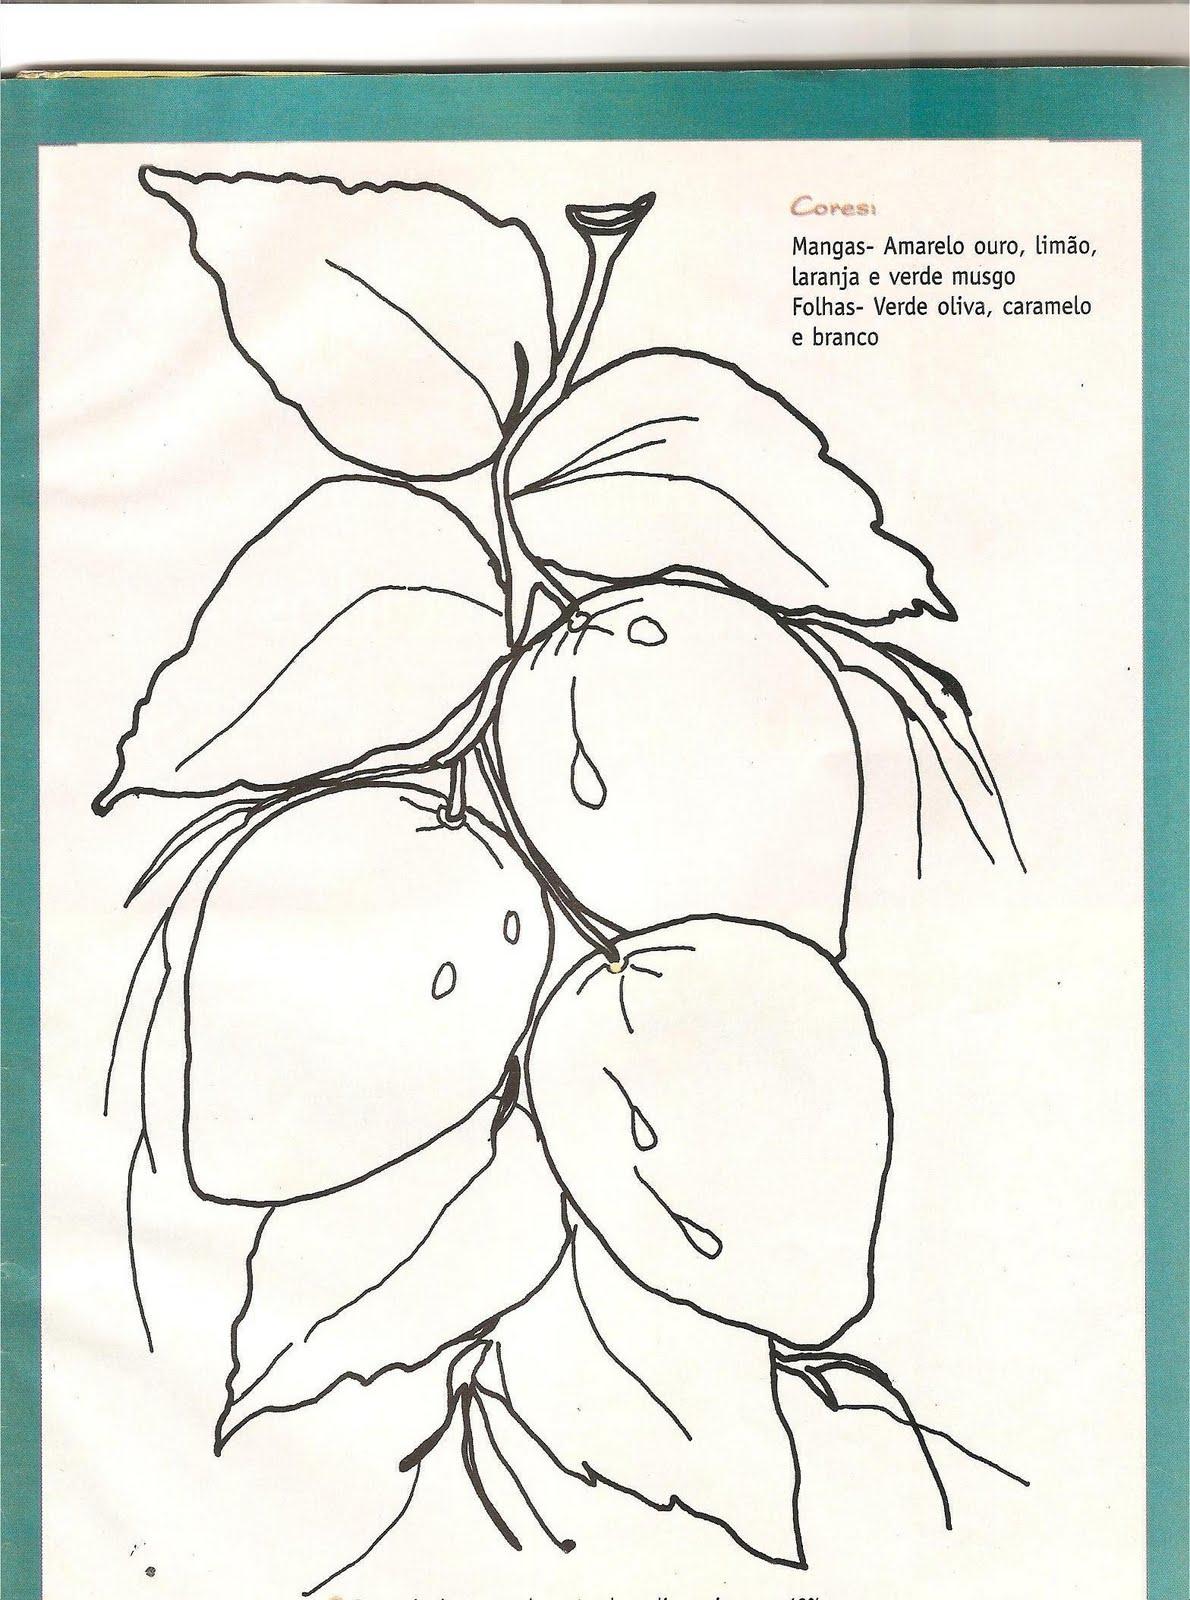 para pintura em tecidoCom flores, frutas e flores e frutas